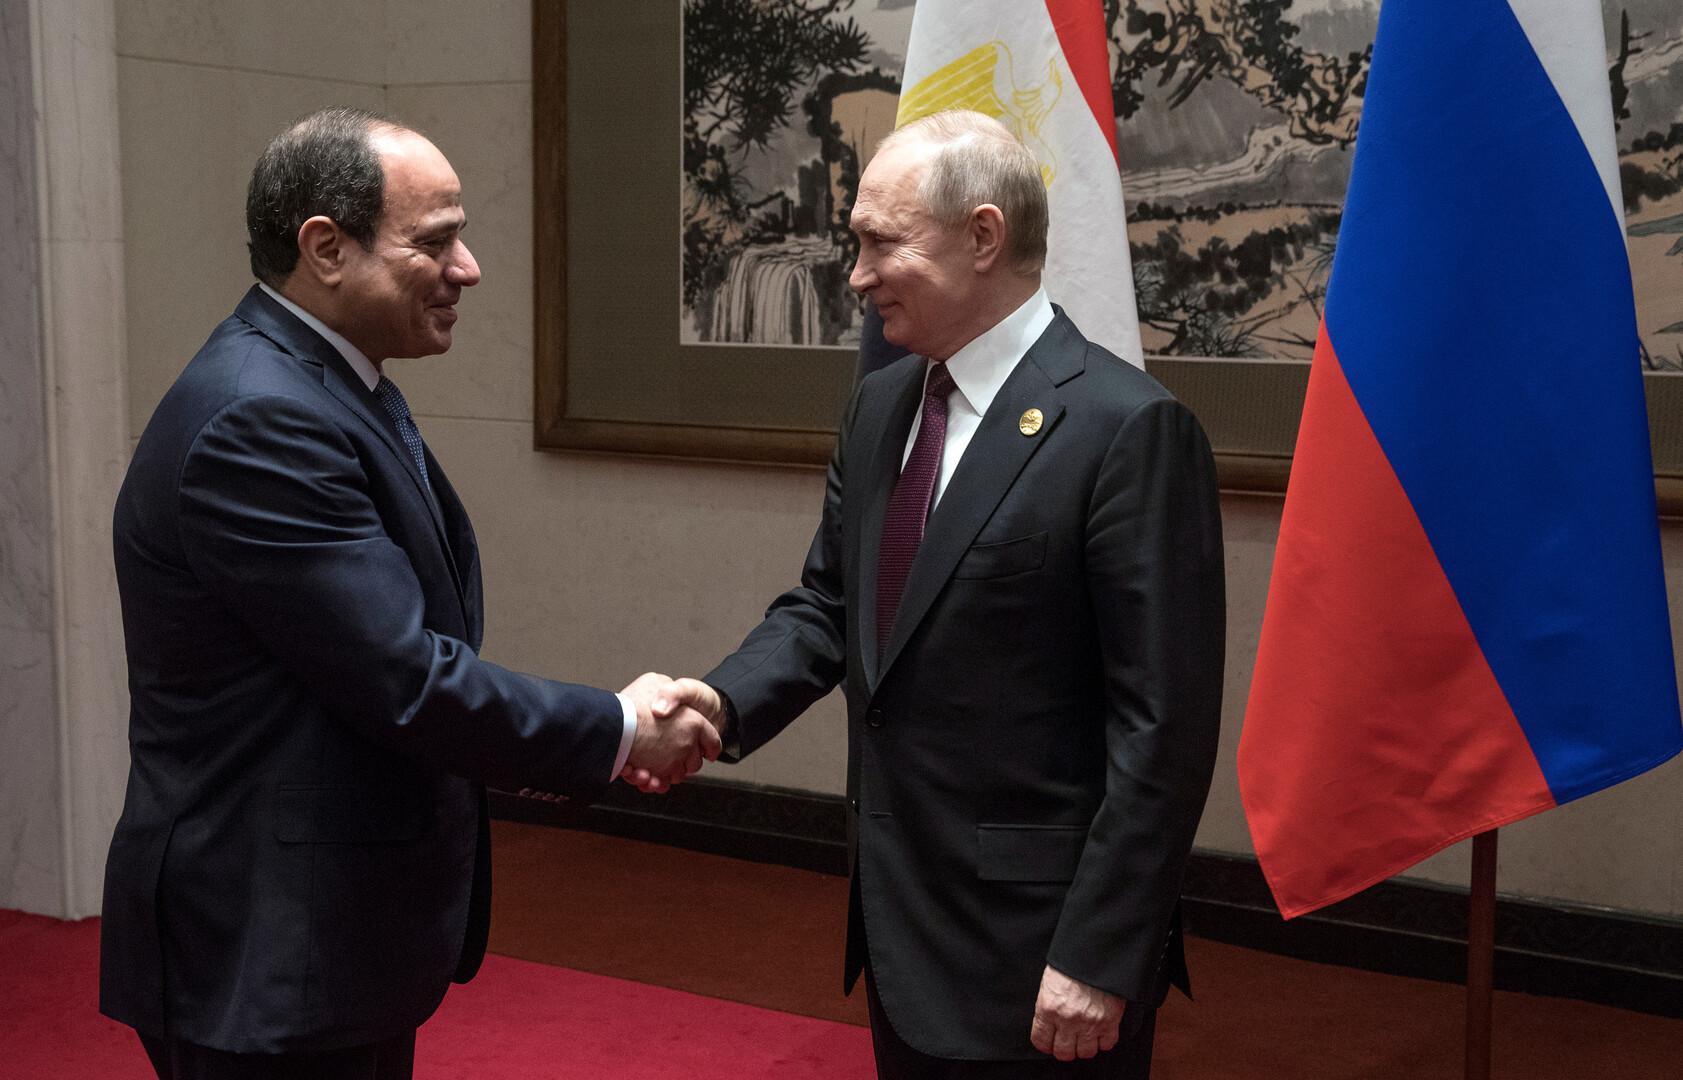 السيسي يصل سوتشي للمشاركة في القمة الروسية الإفريقية